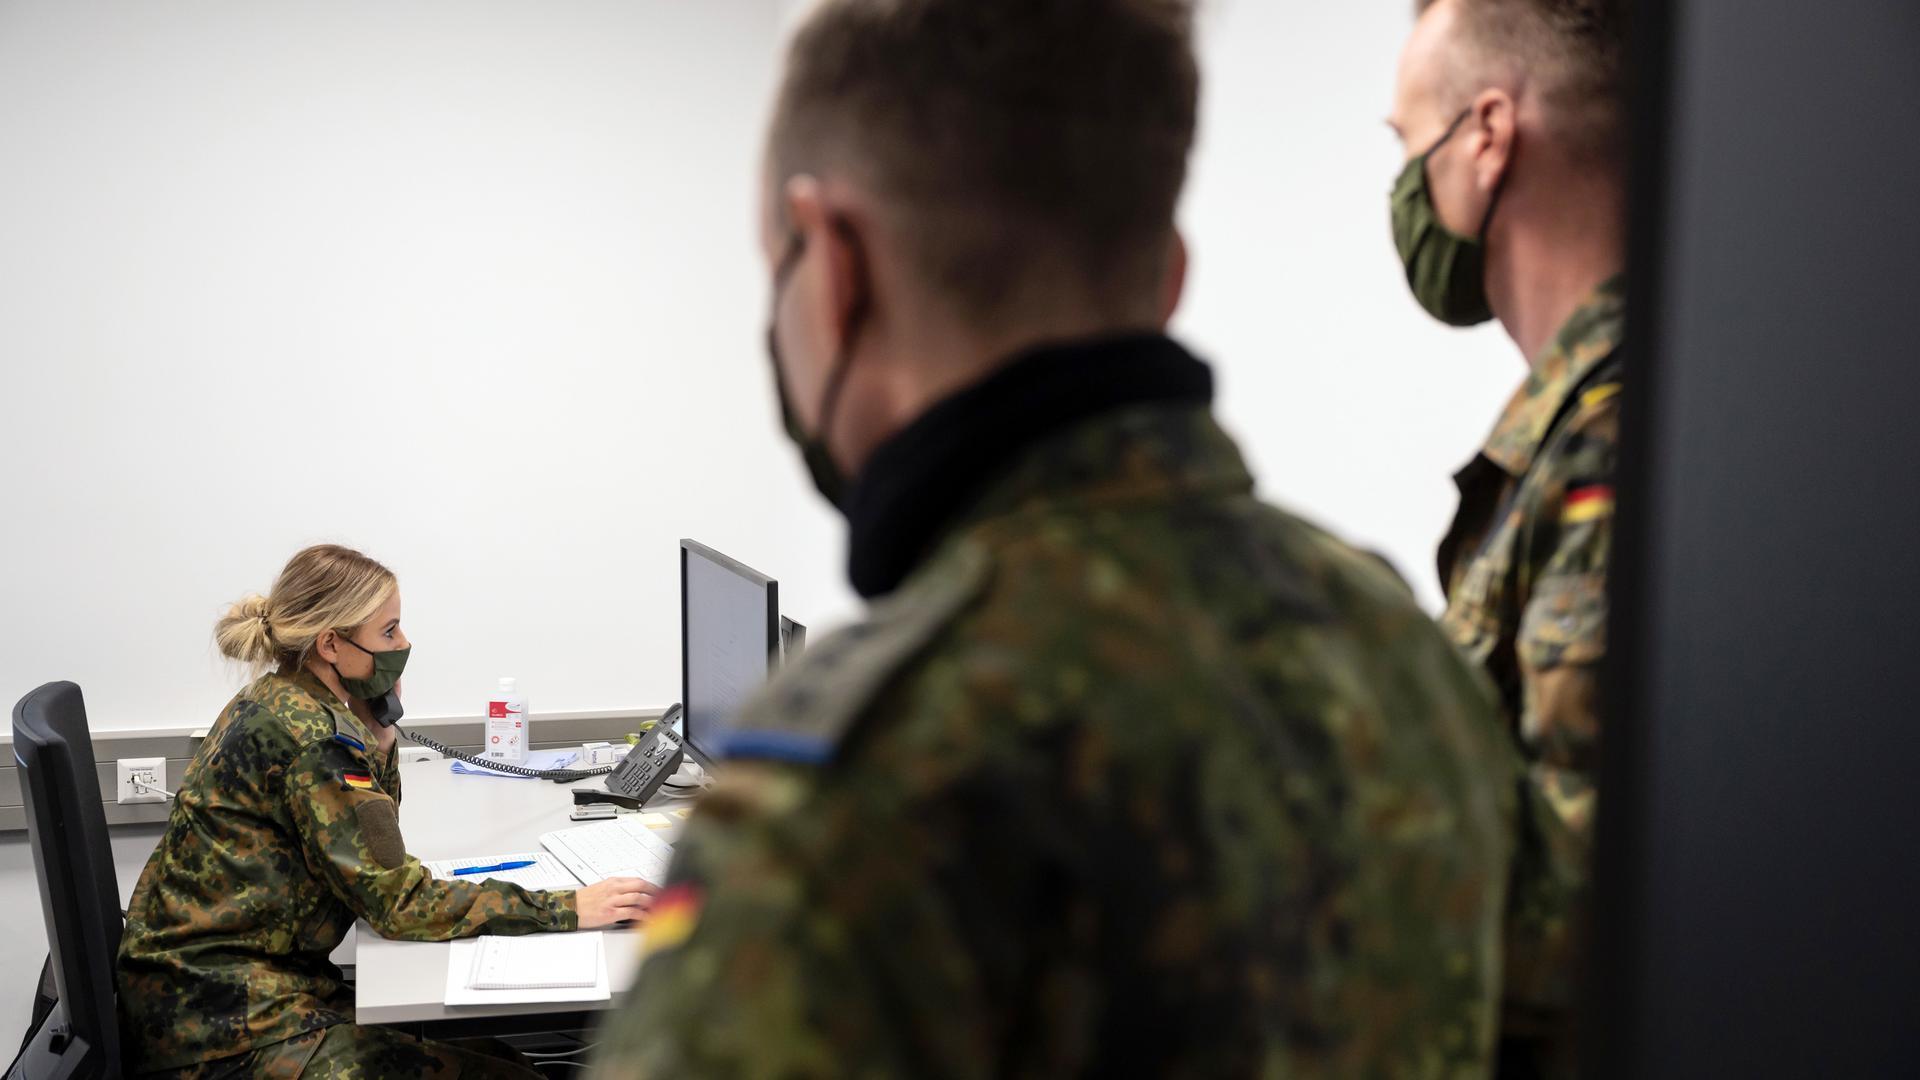 Soldaten bei der Kontaktverfolgung von Covid-19 infizierten Bürgern.